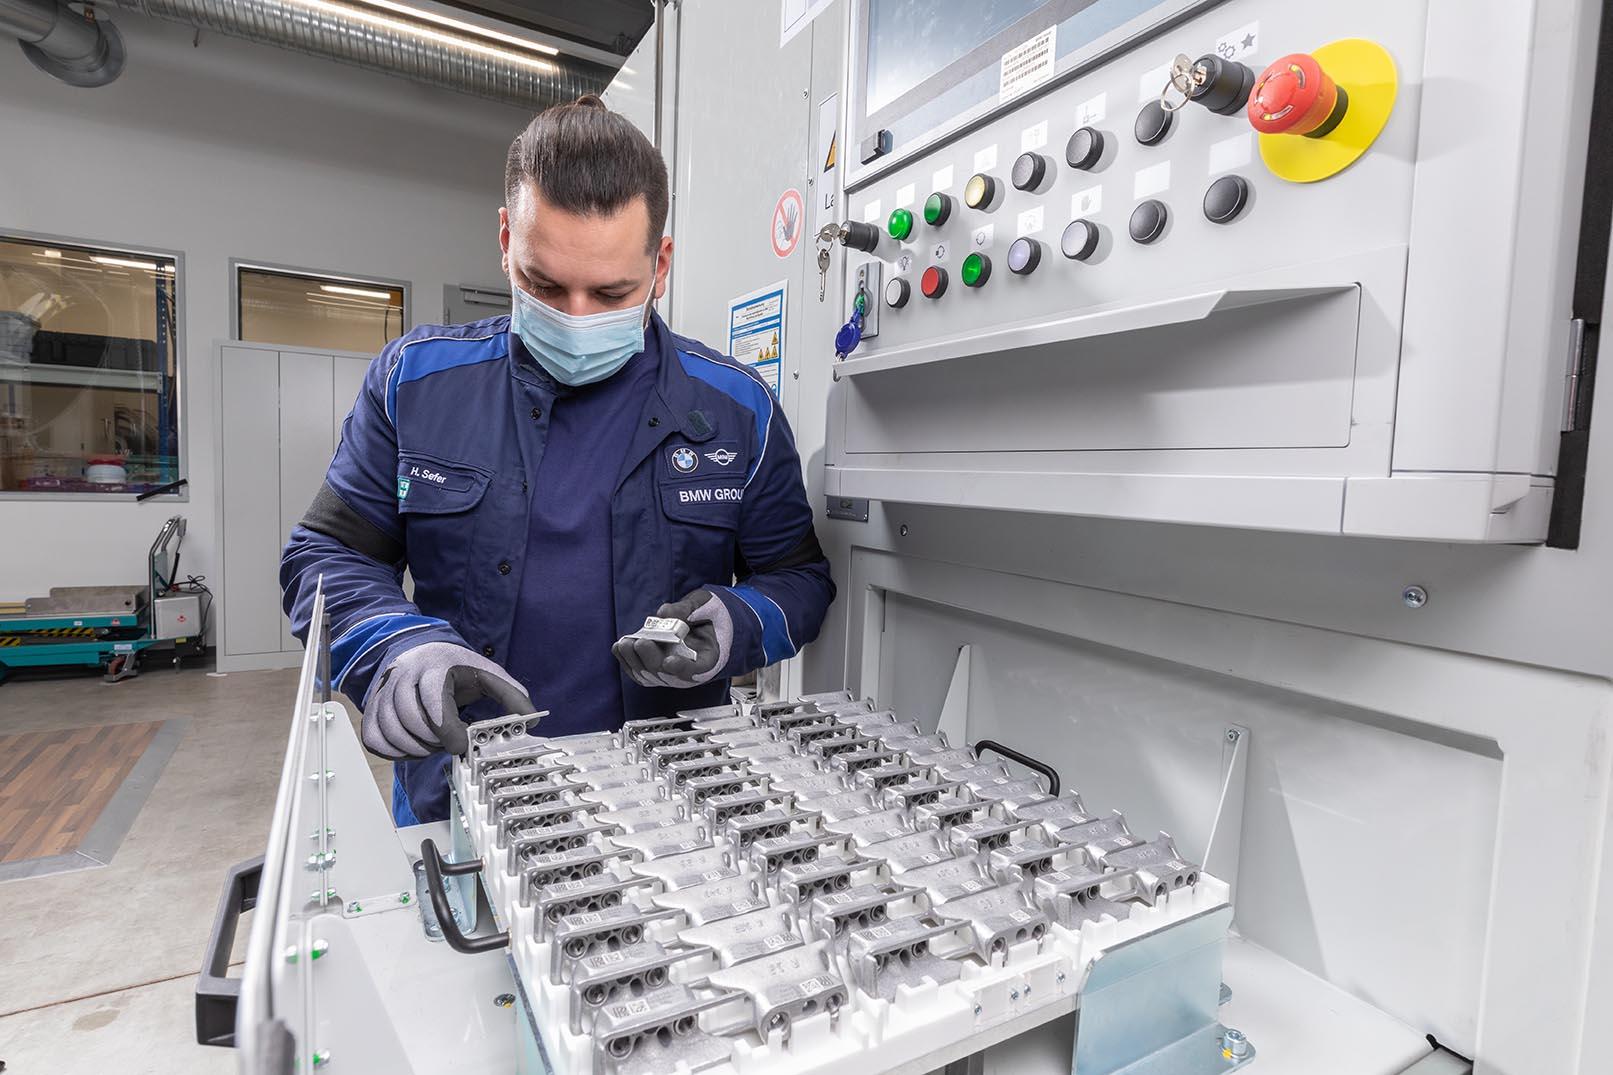 BMW continua a far progredire la stampa 3D su scala industriale